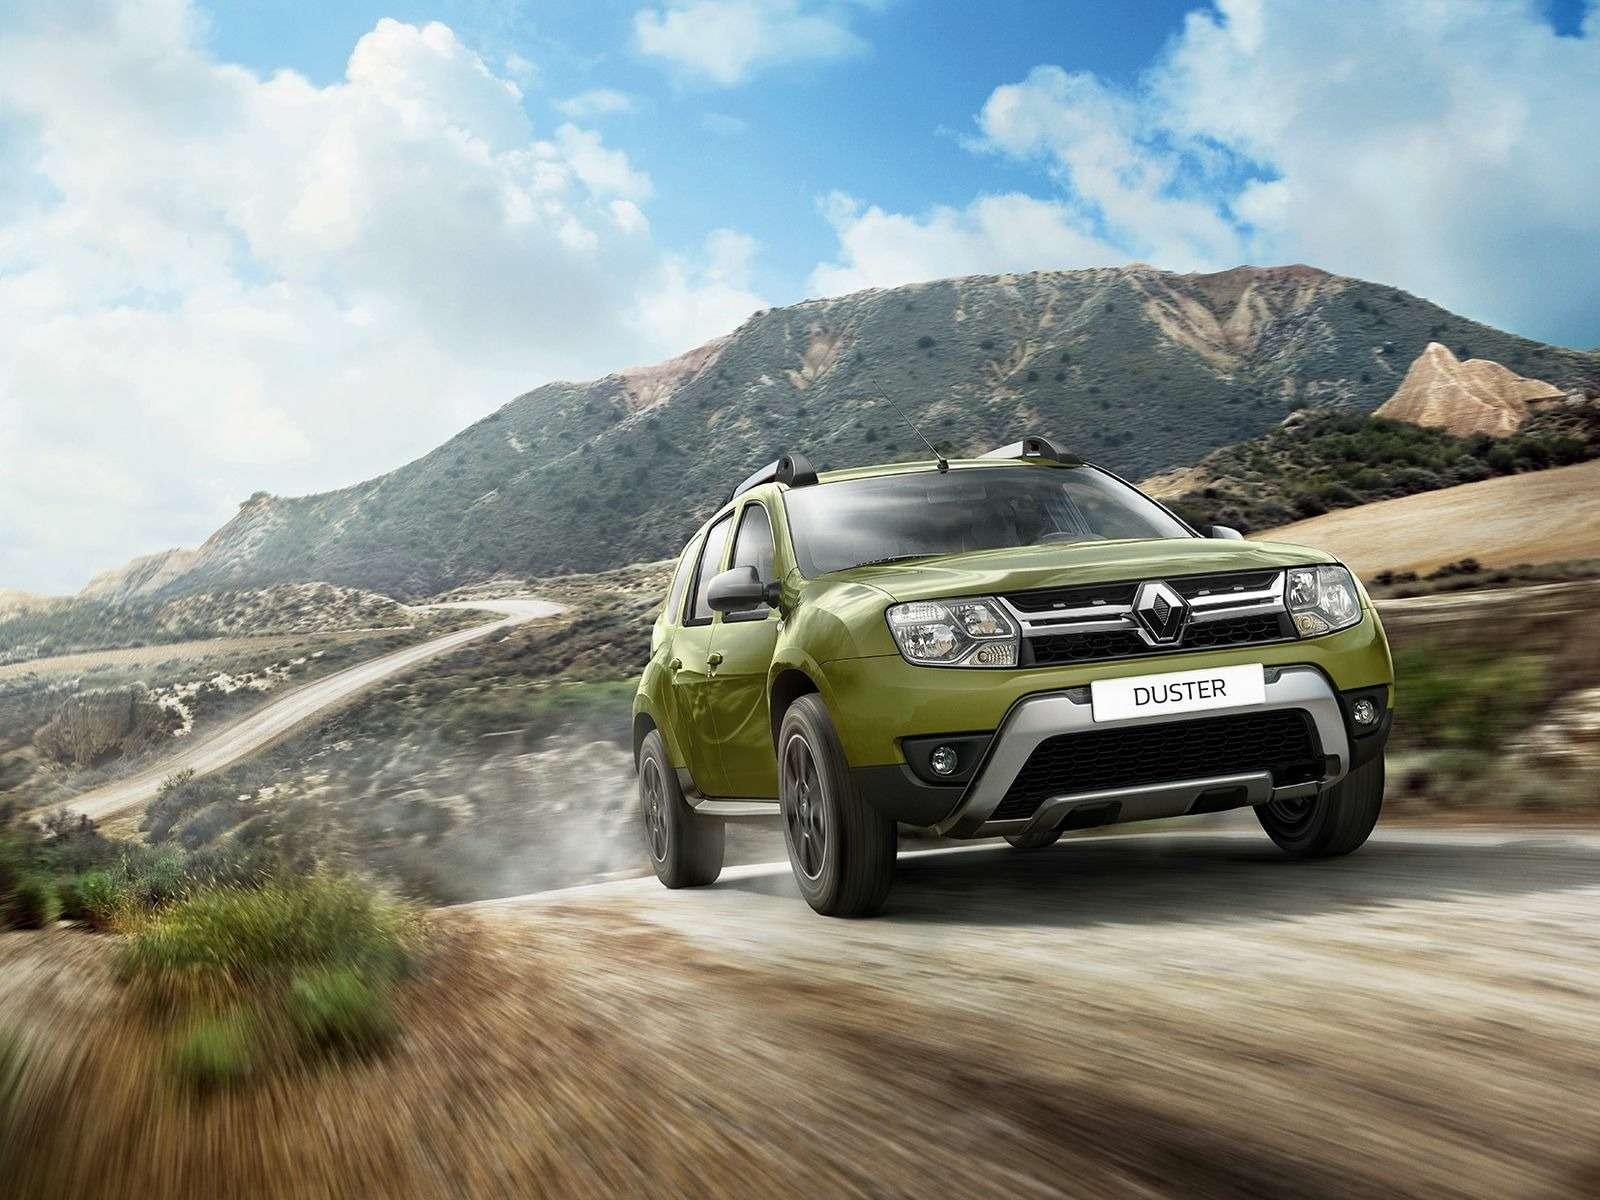 Renault начала выпуск обновленного Duster вРоссии— фото 378570